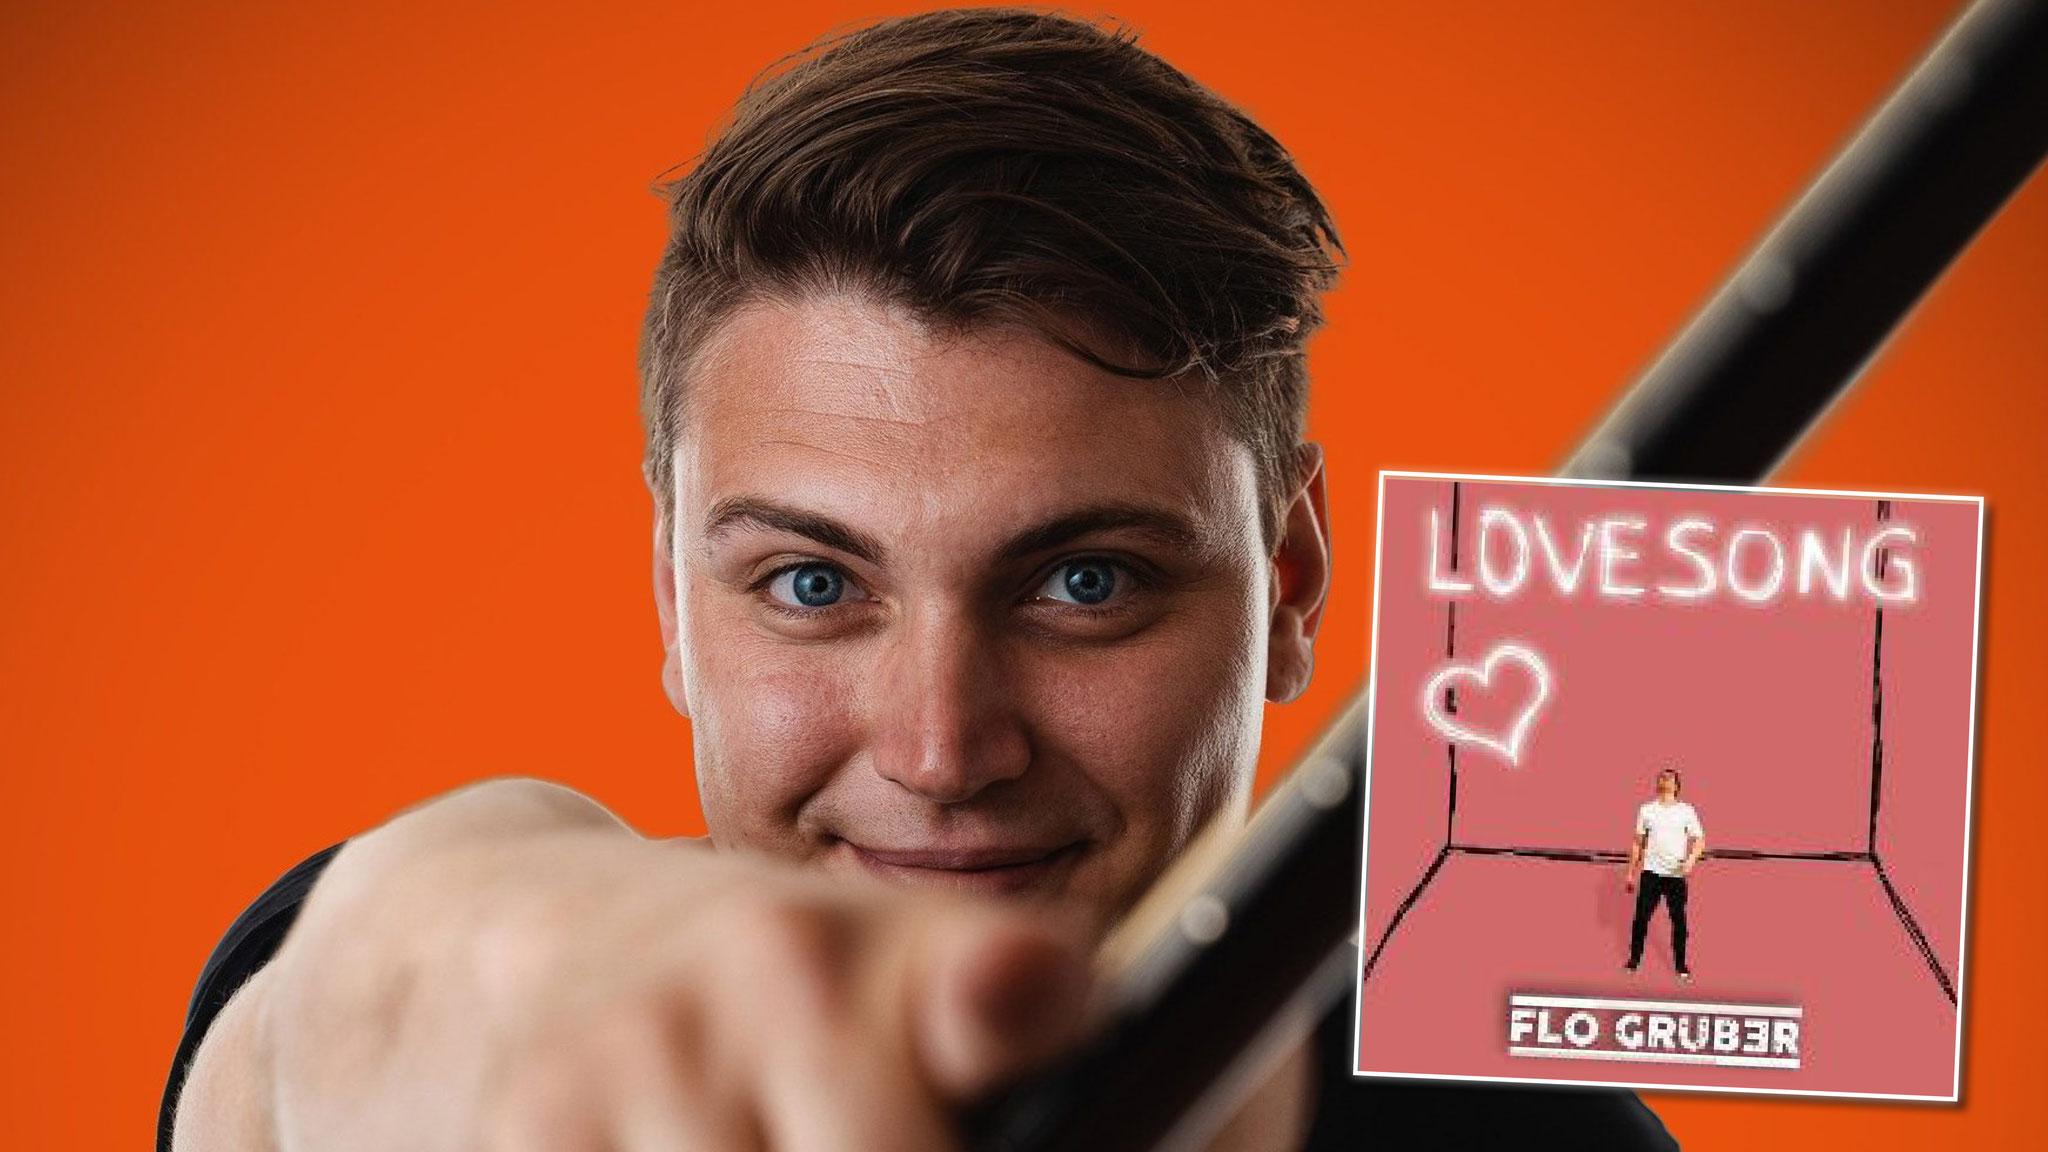 LOVESONG: Steirer Flo Gruber mit Ohrwurm zum Valentinstag